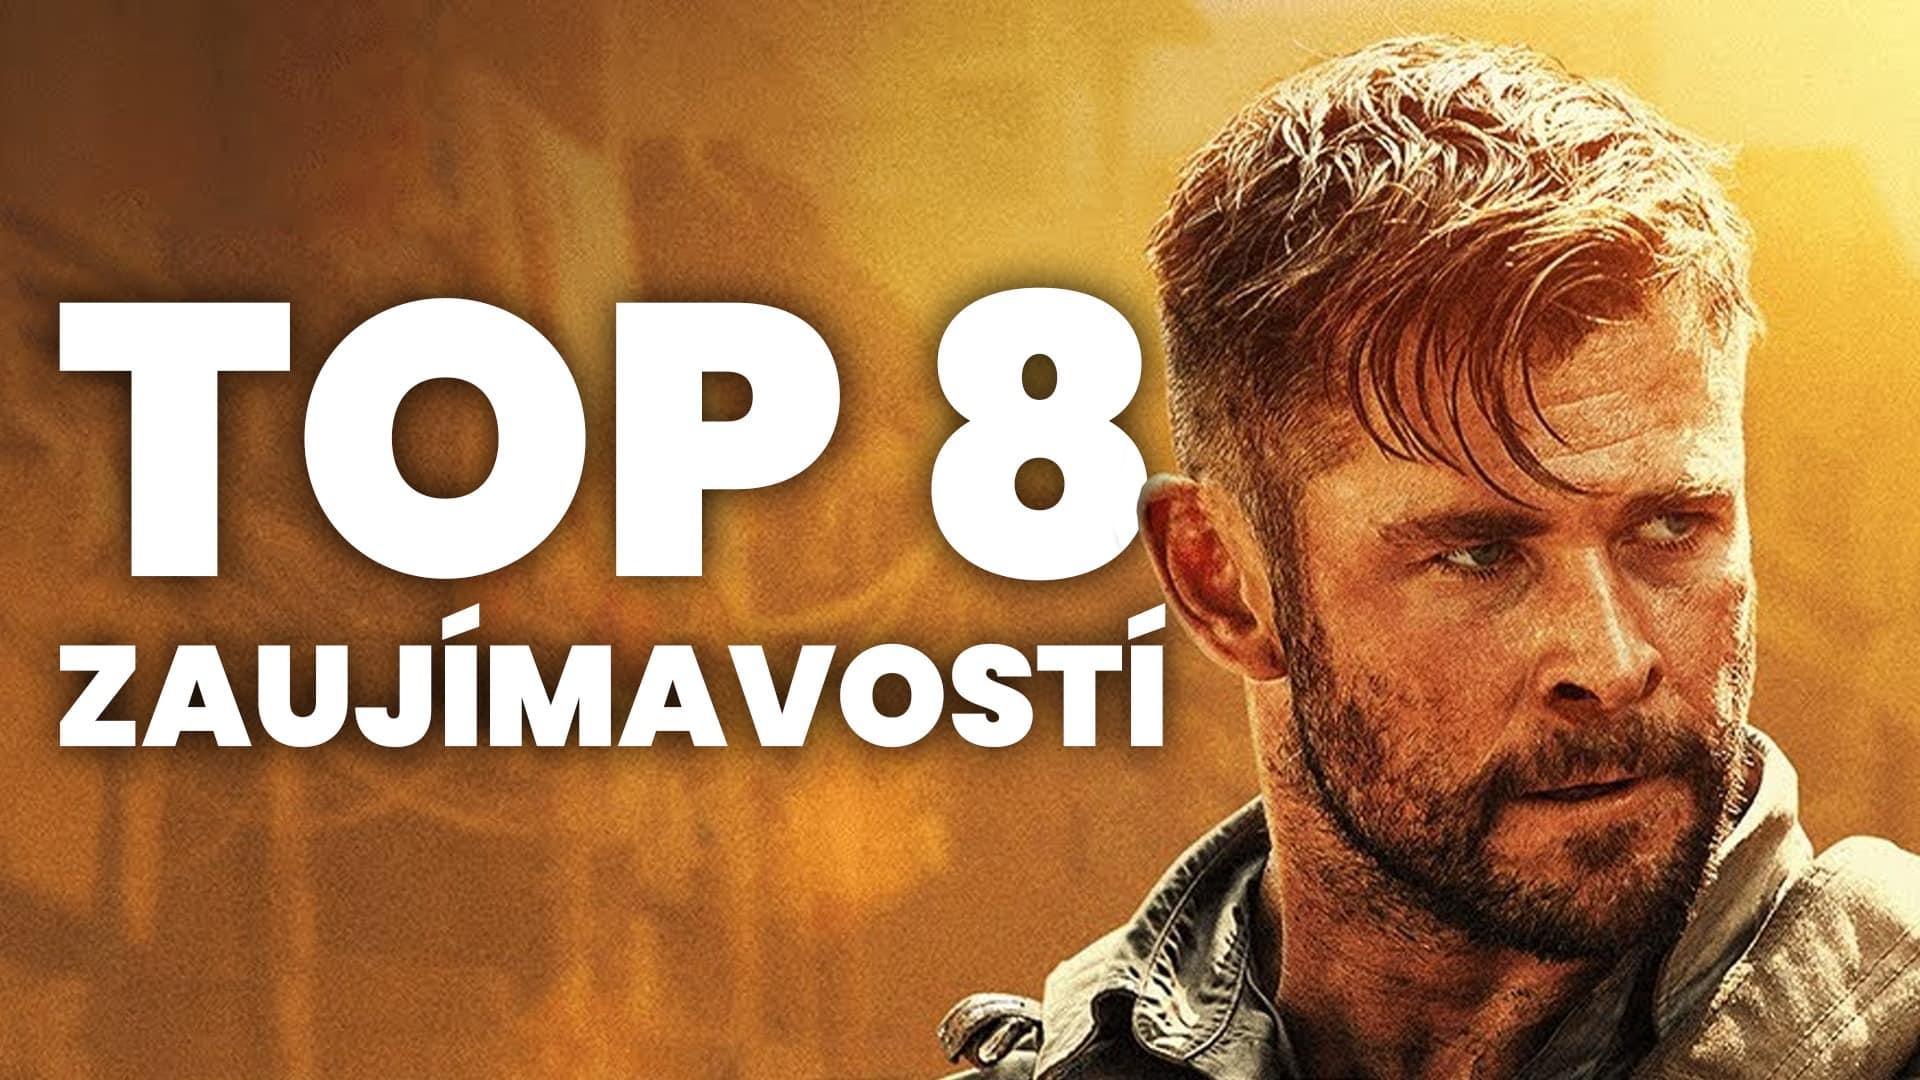 TOP 8 zaujímavostí o filme Extraction